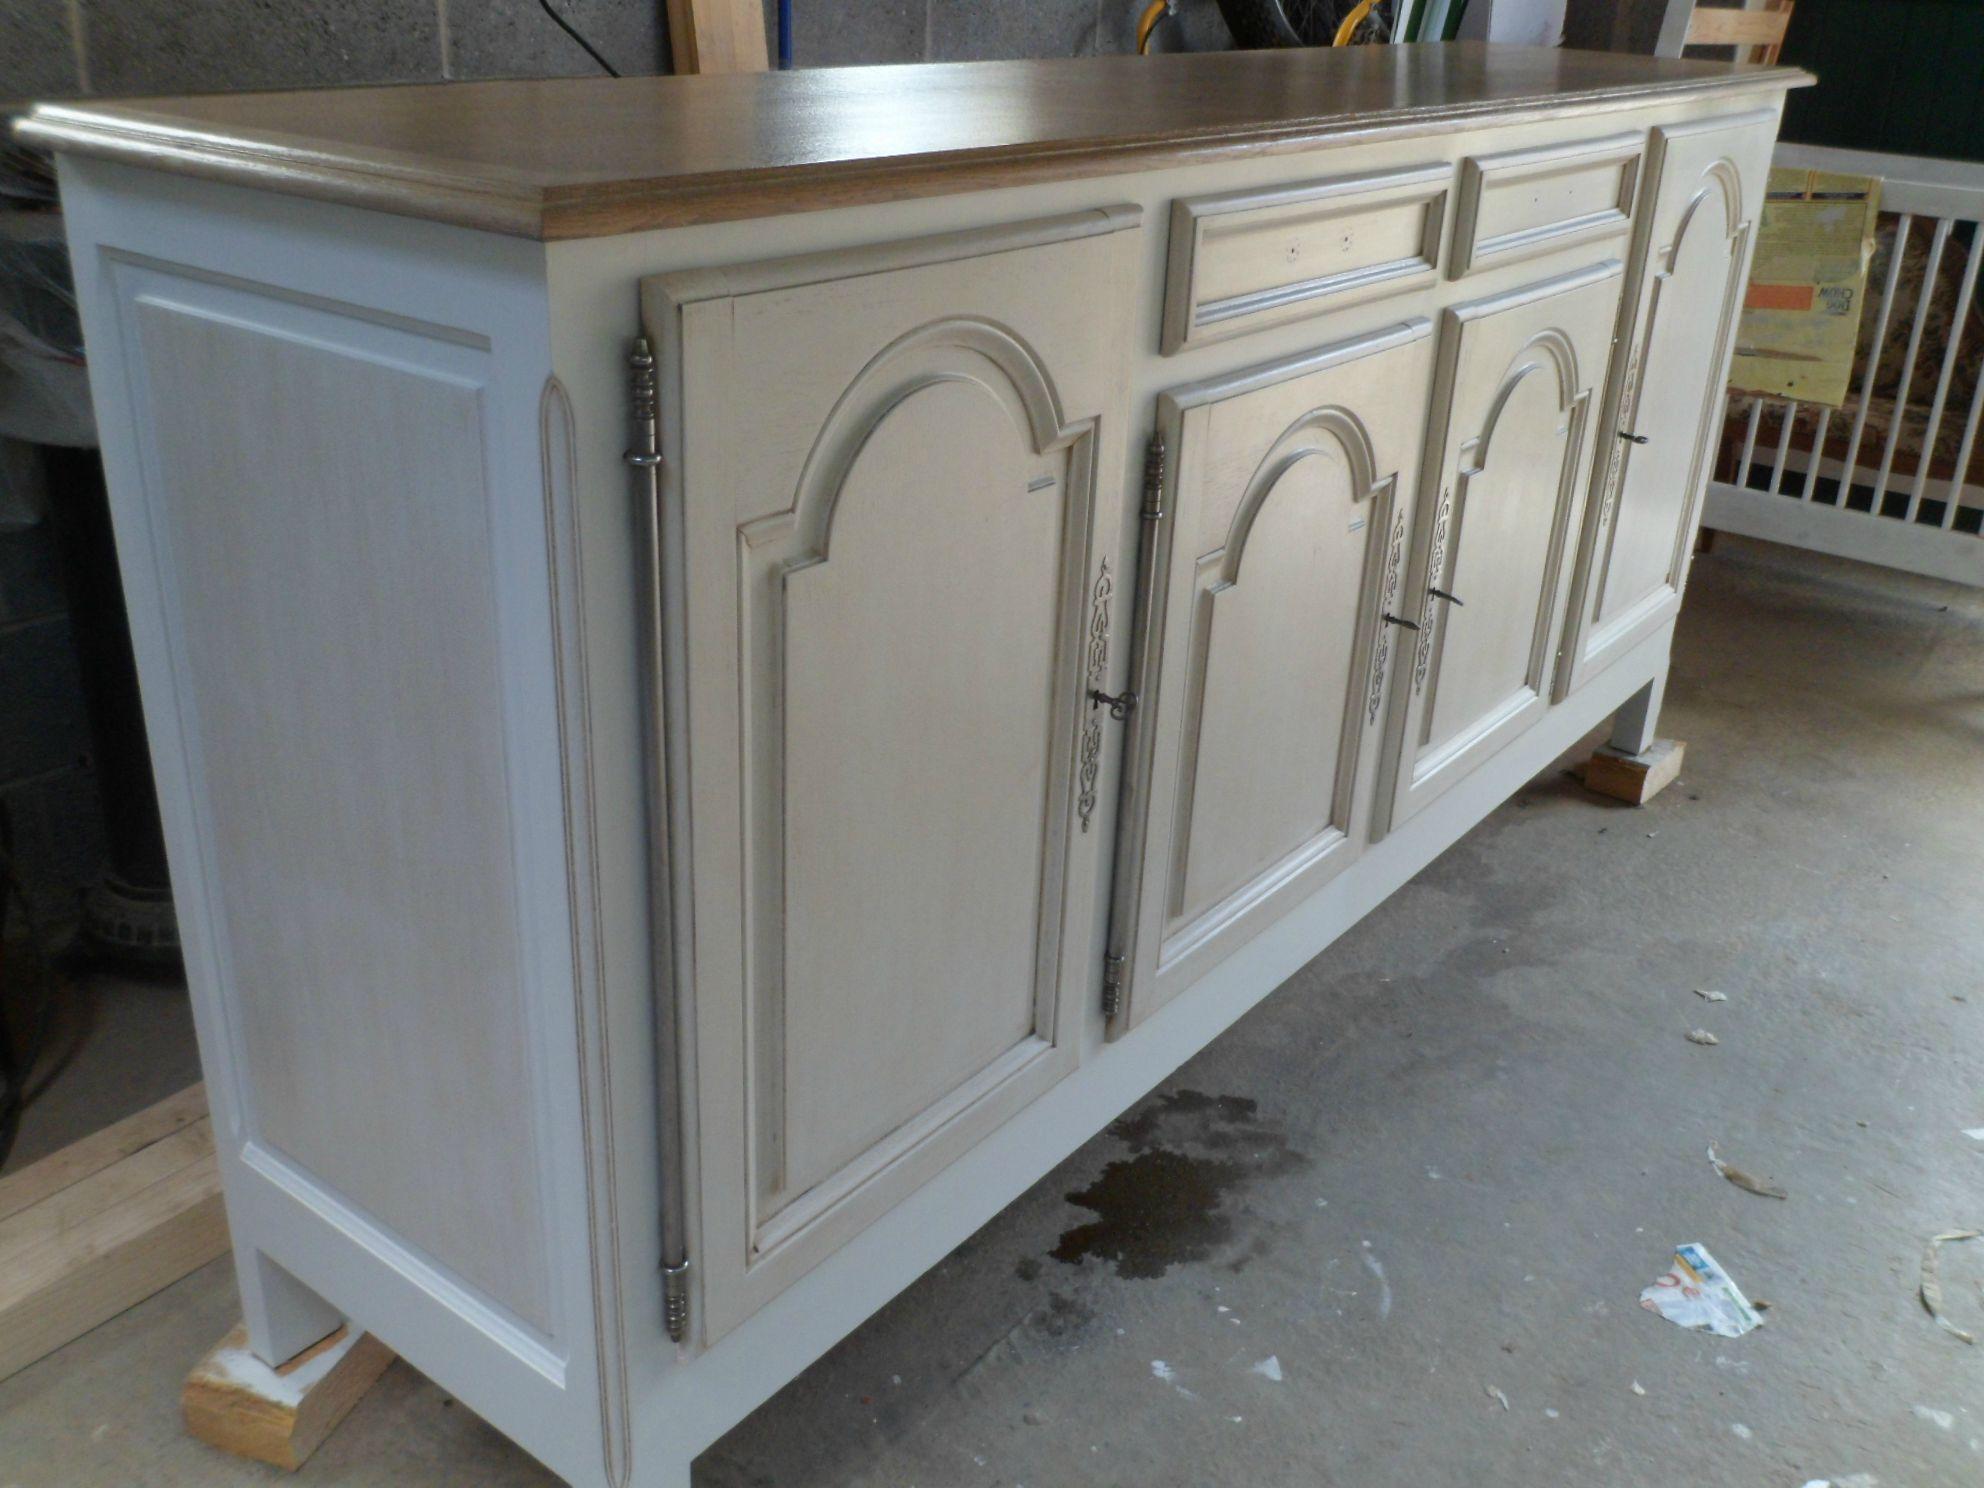 Comment c ruser un meuble ancien - Peindre un meuble ancien en bois ...